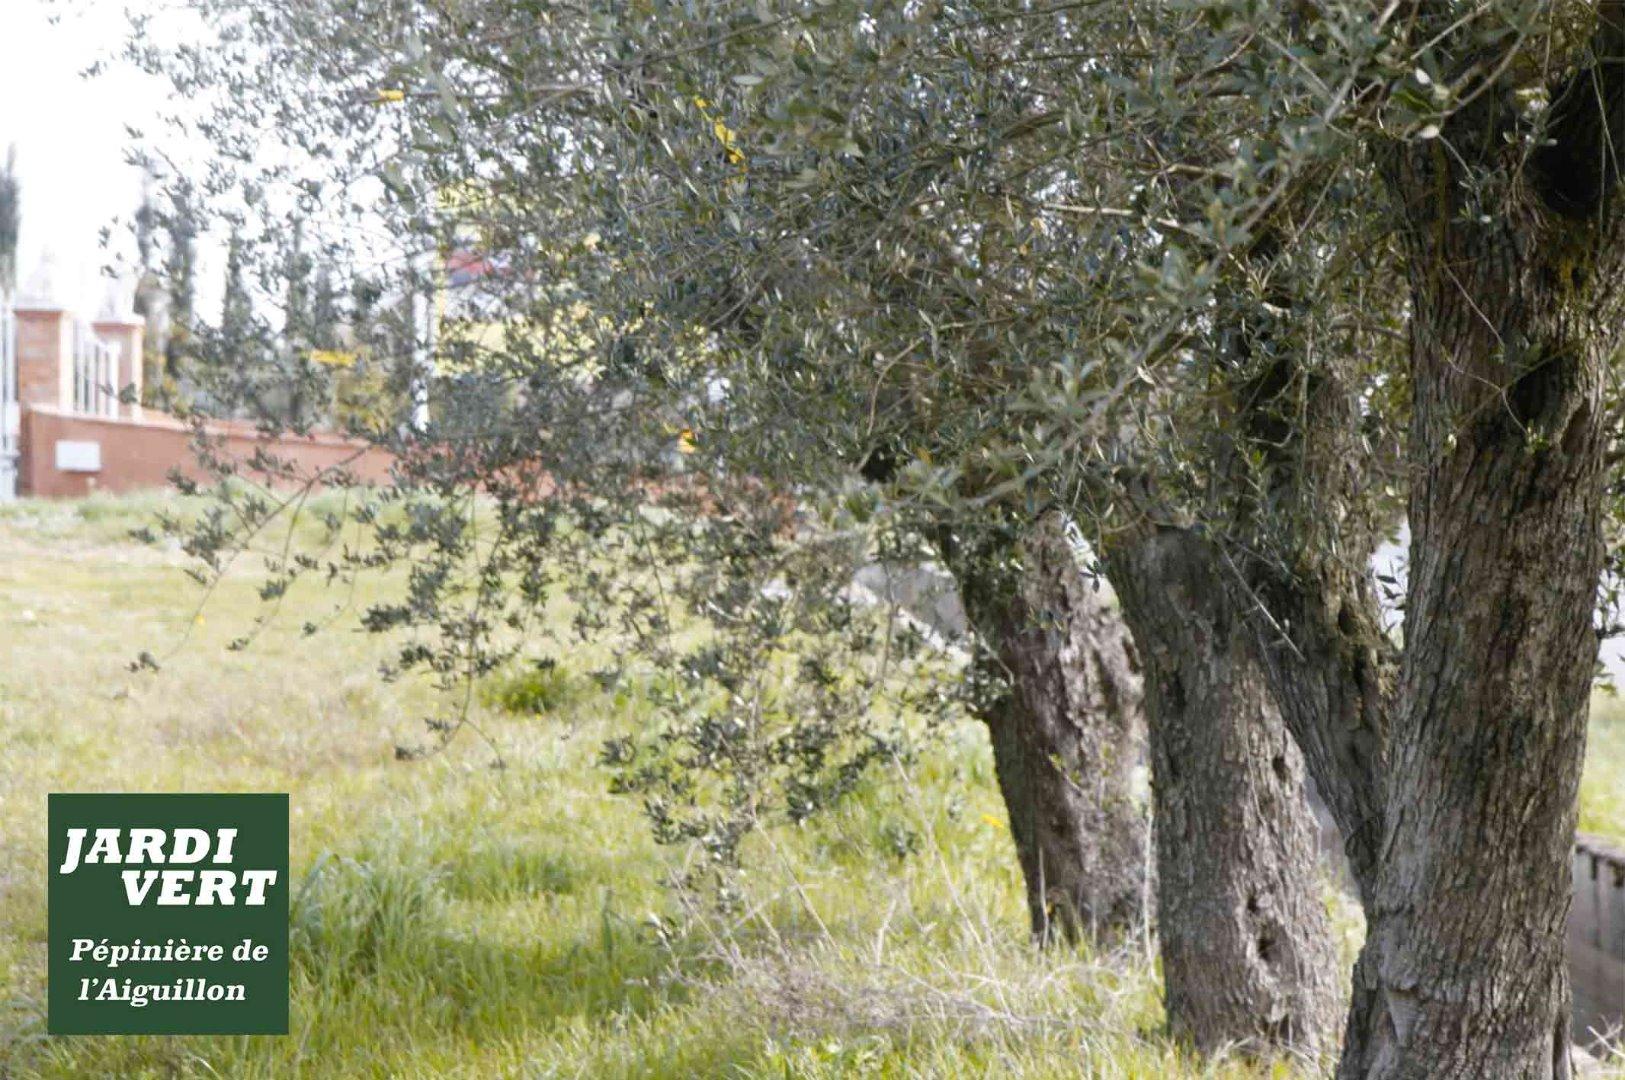 Vente et plantations d'oliviers centenaires d'Espagne - Pépinière de l'Aiguillon près de Muret, Colomiers et Saint-Simon